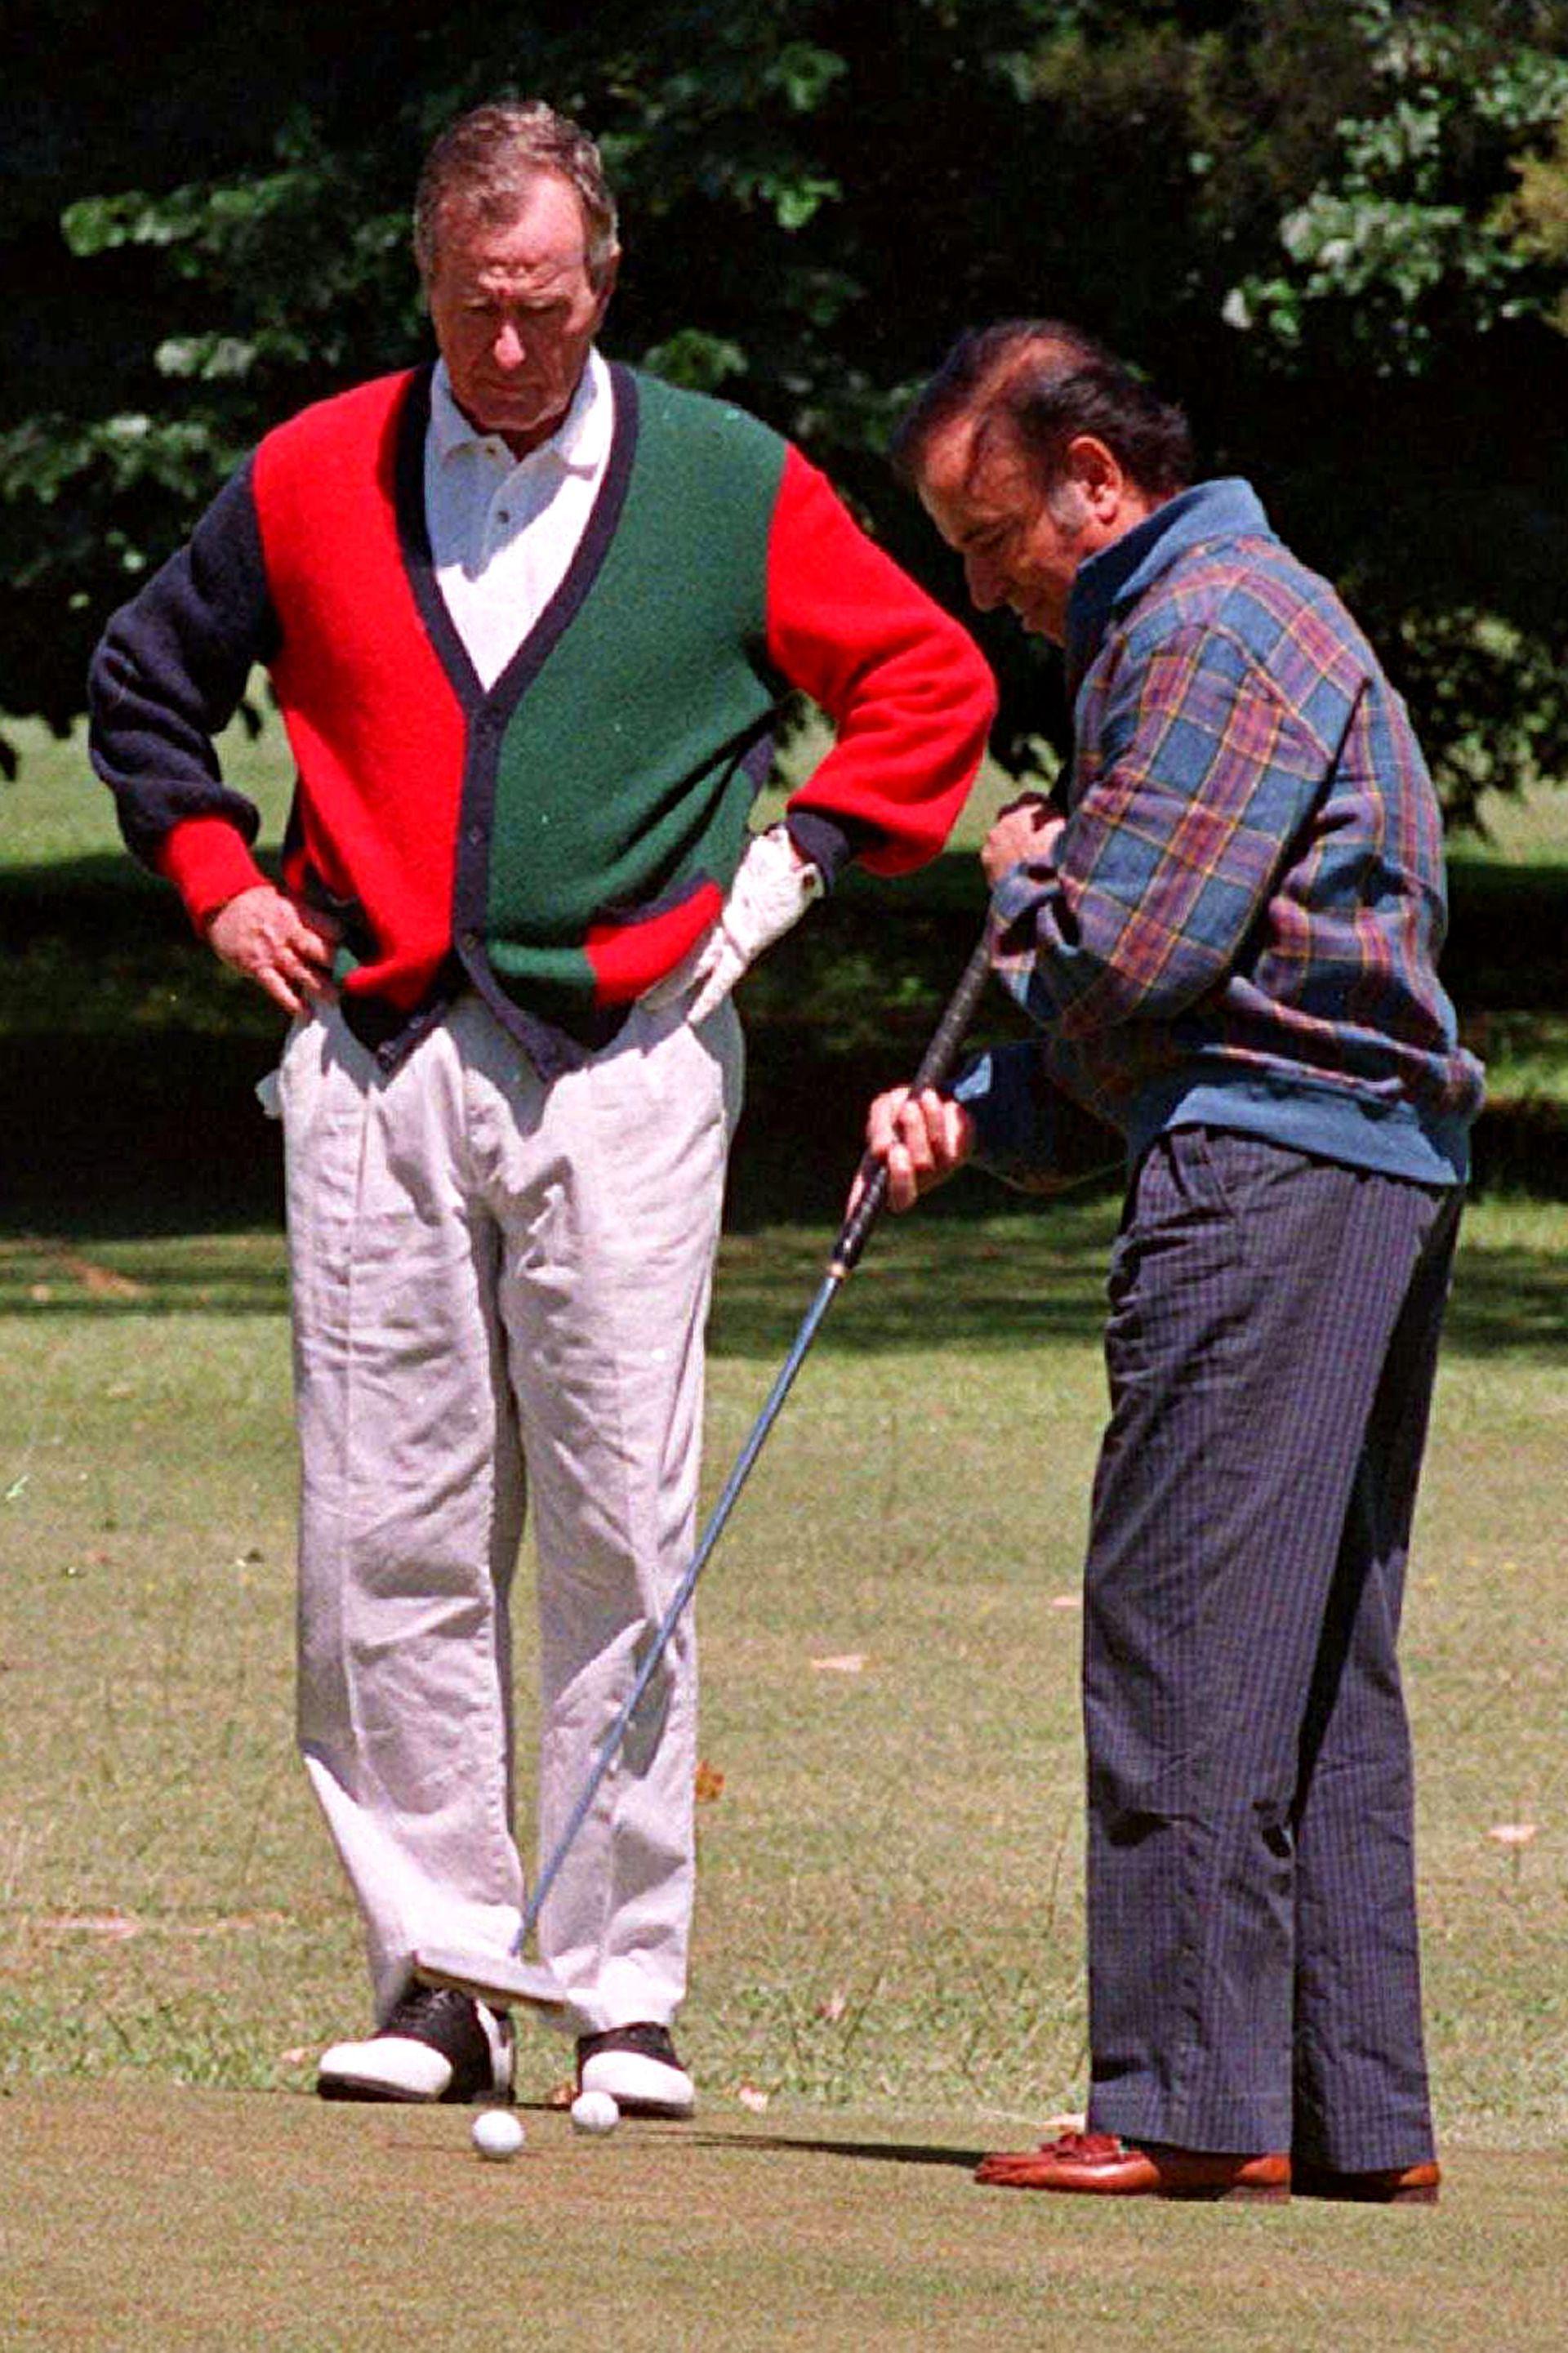 Menem practicando golf con el ya expresidente George H. W. Bush, en noviembre de 1996